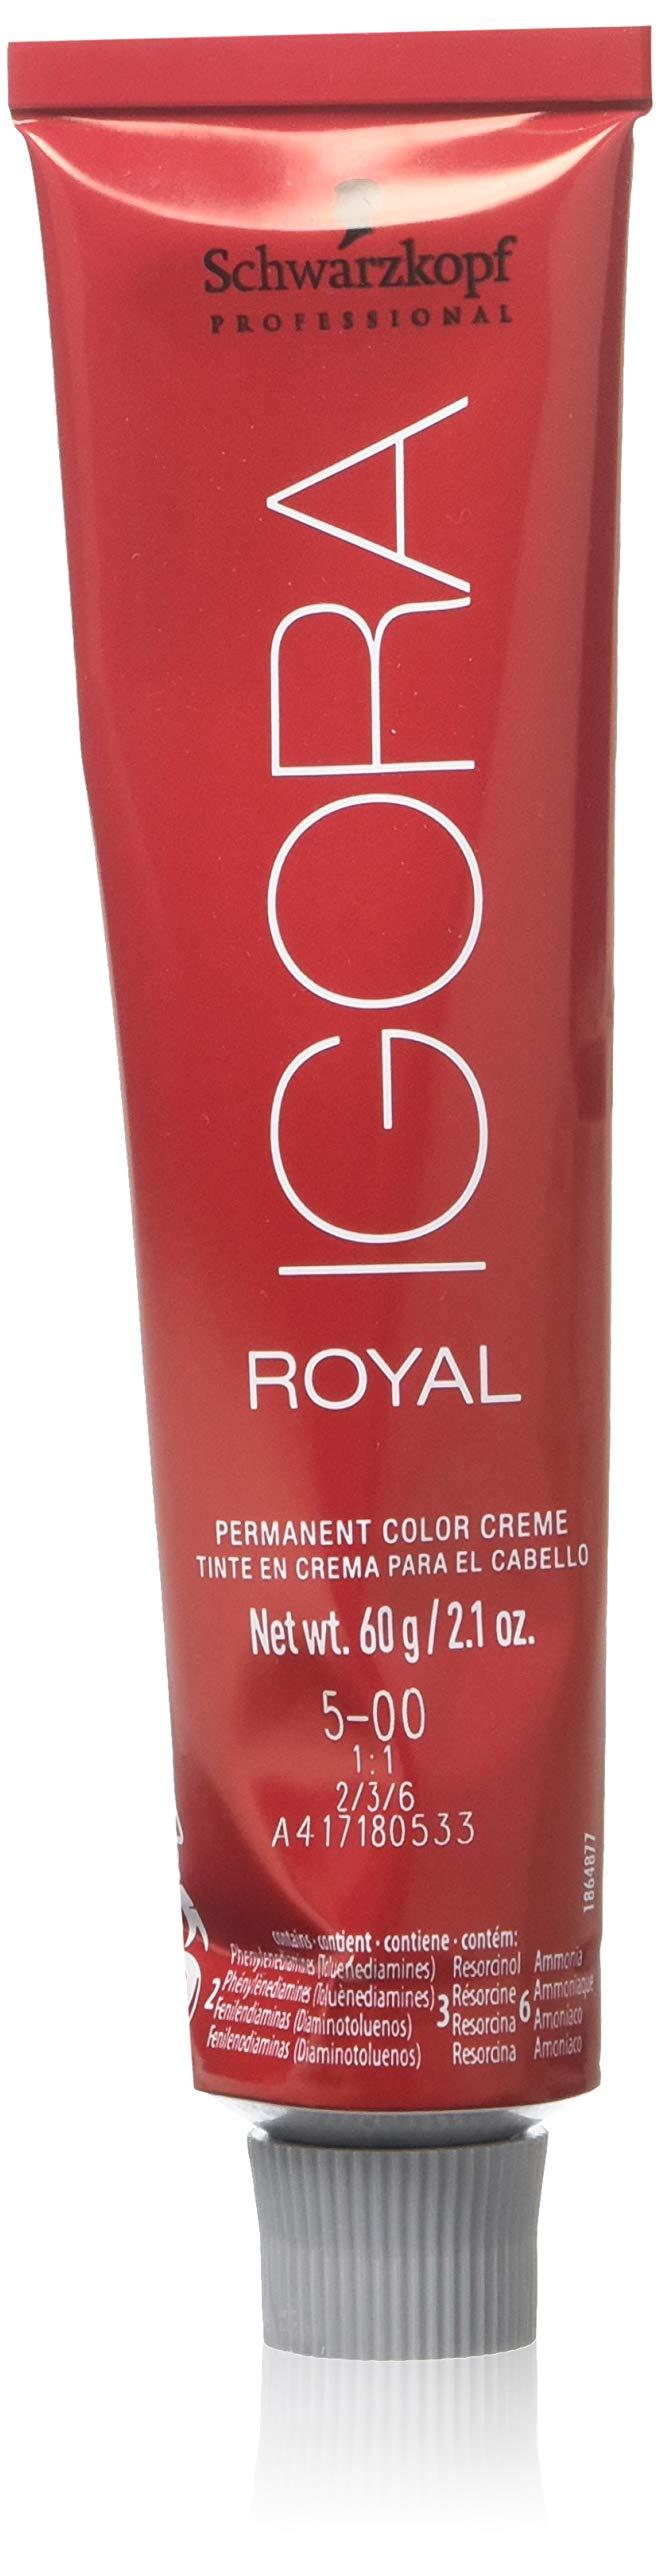 Amazon Schwarzkopf Professional Igora Royal Permanent Hair